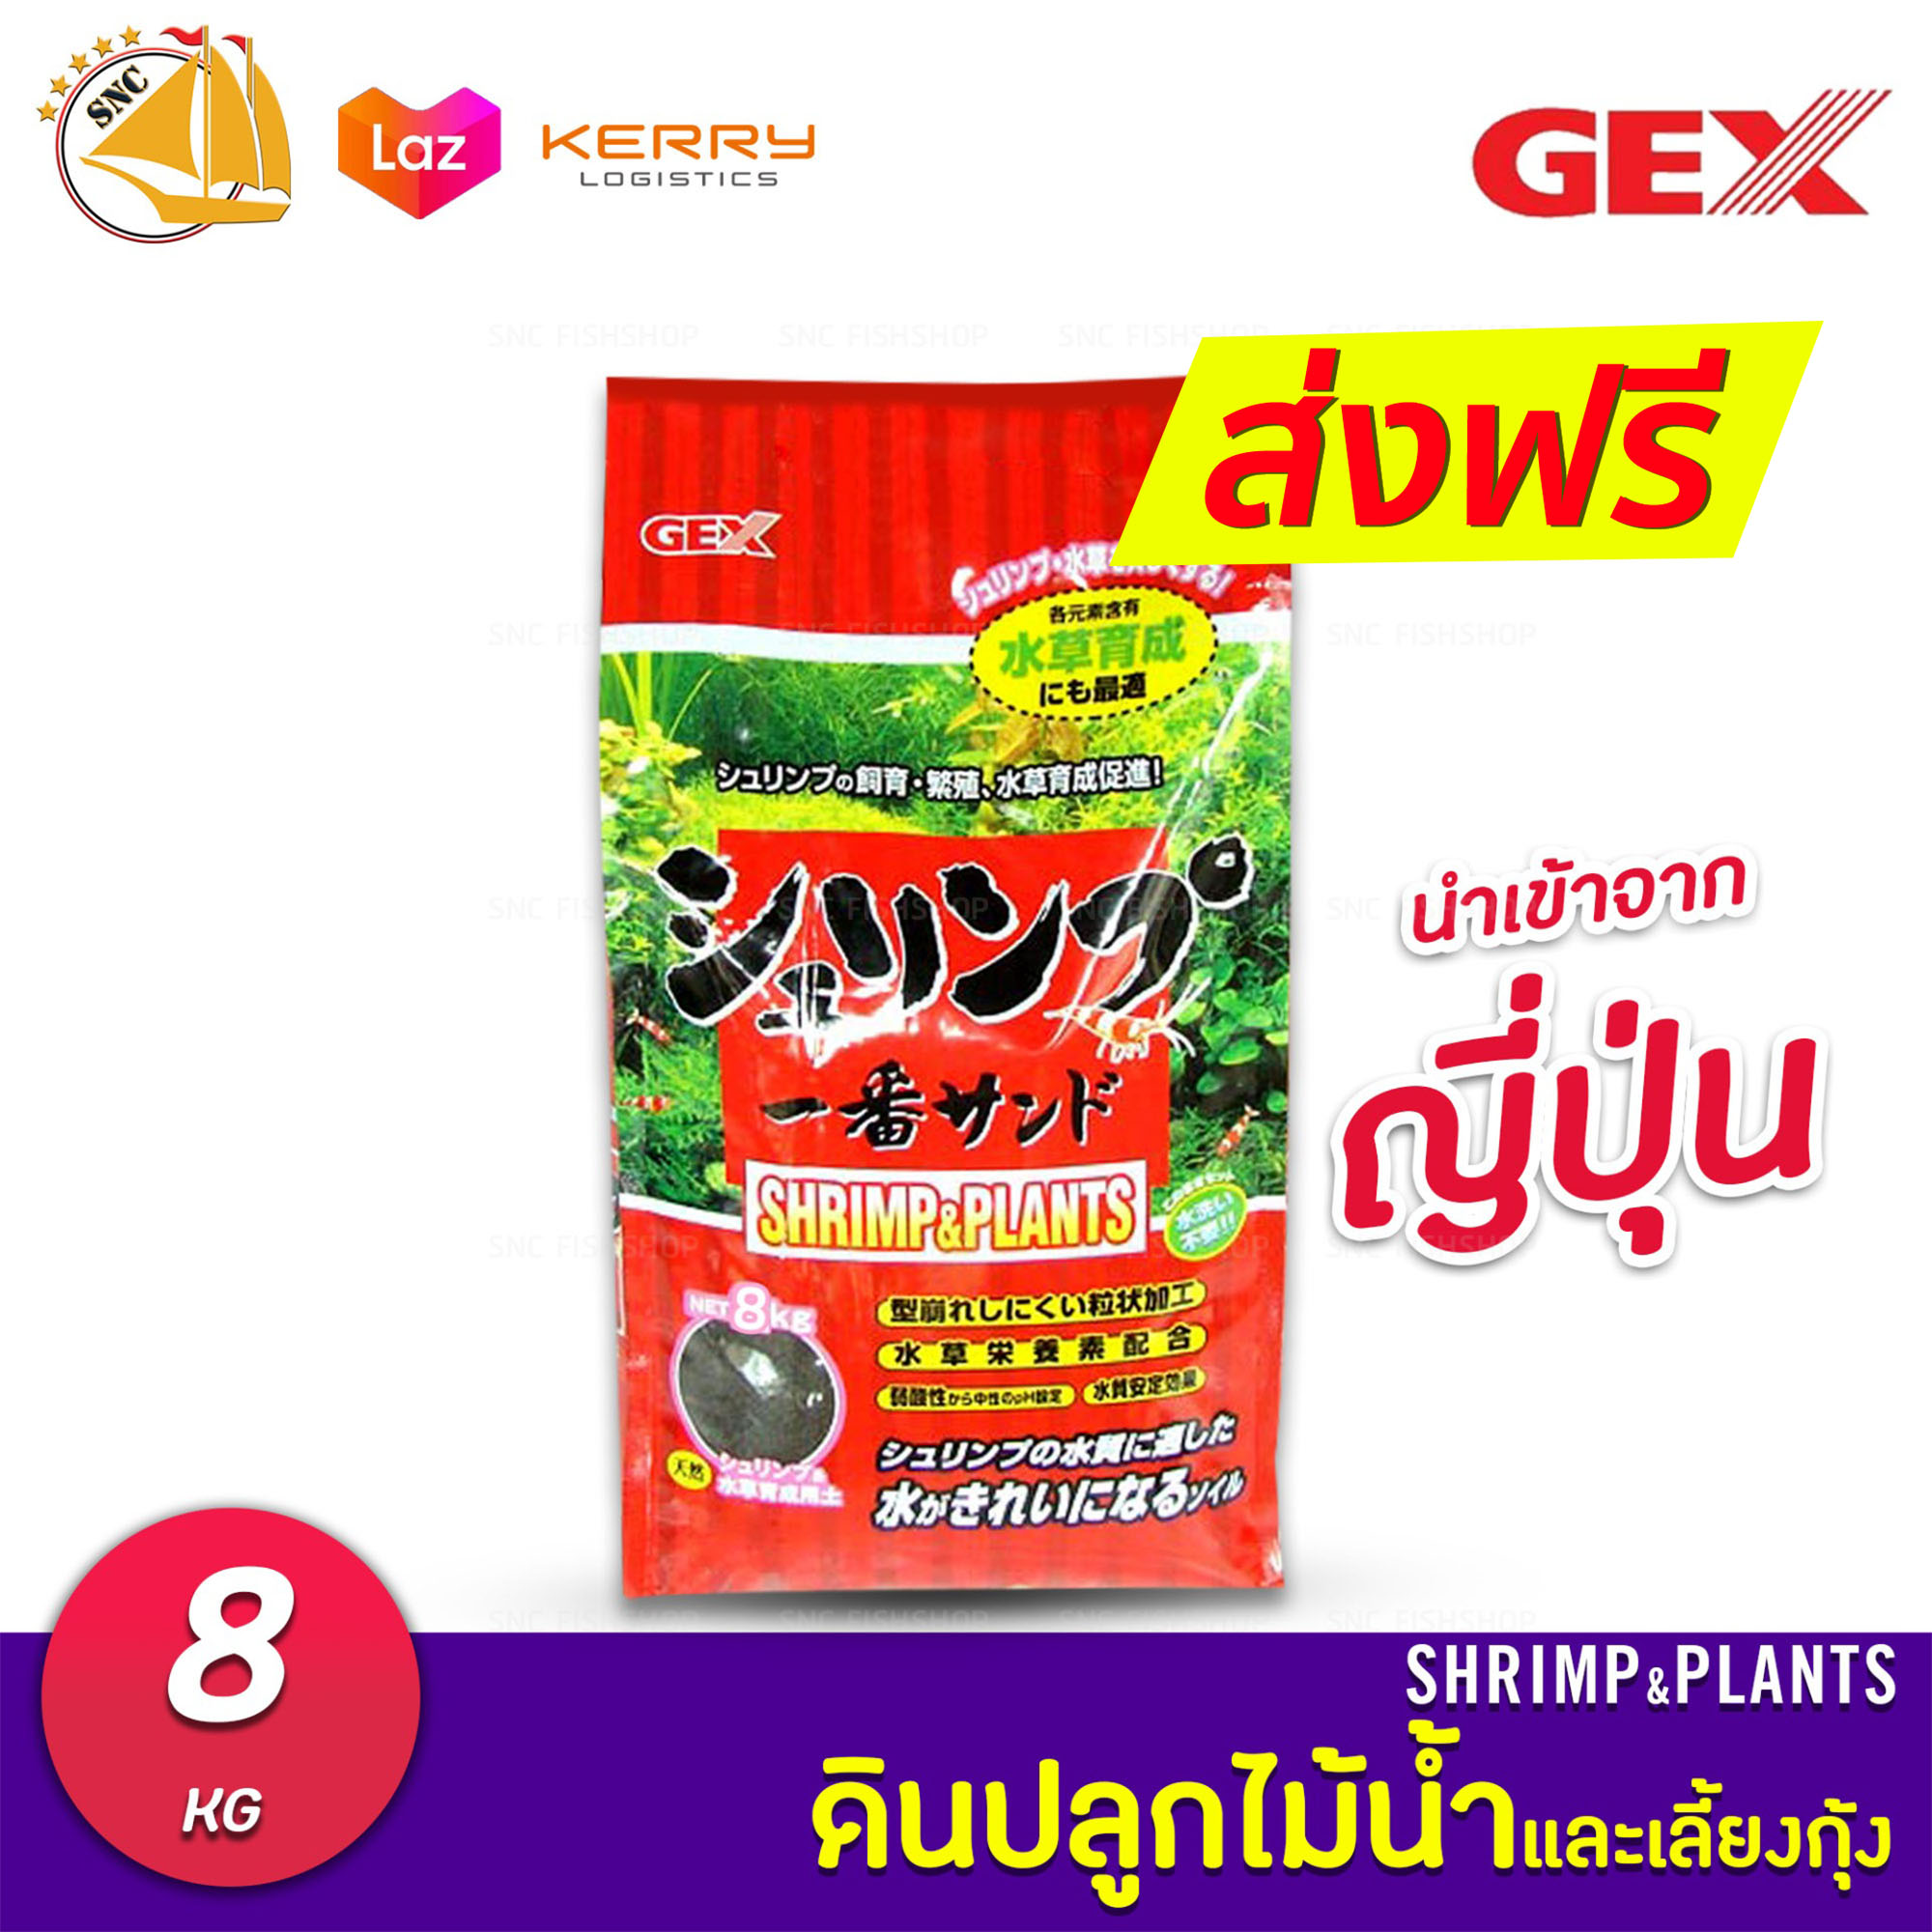 ดินปลูกไม้น้ำและเลี้ยงกุ้ง GEX ขนาด 8 กก. นำเข้าจากญี่ปุ่น